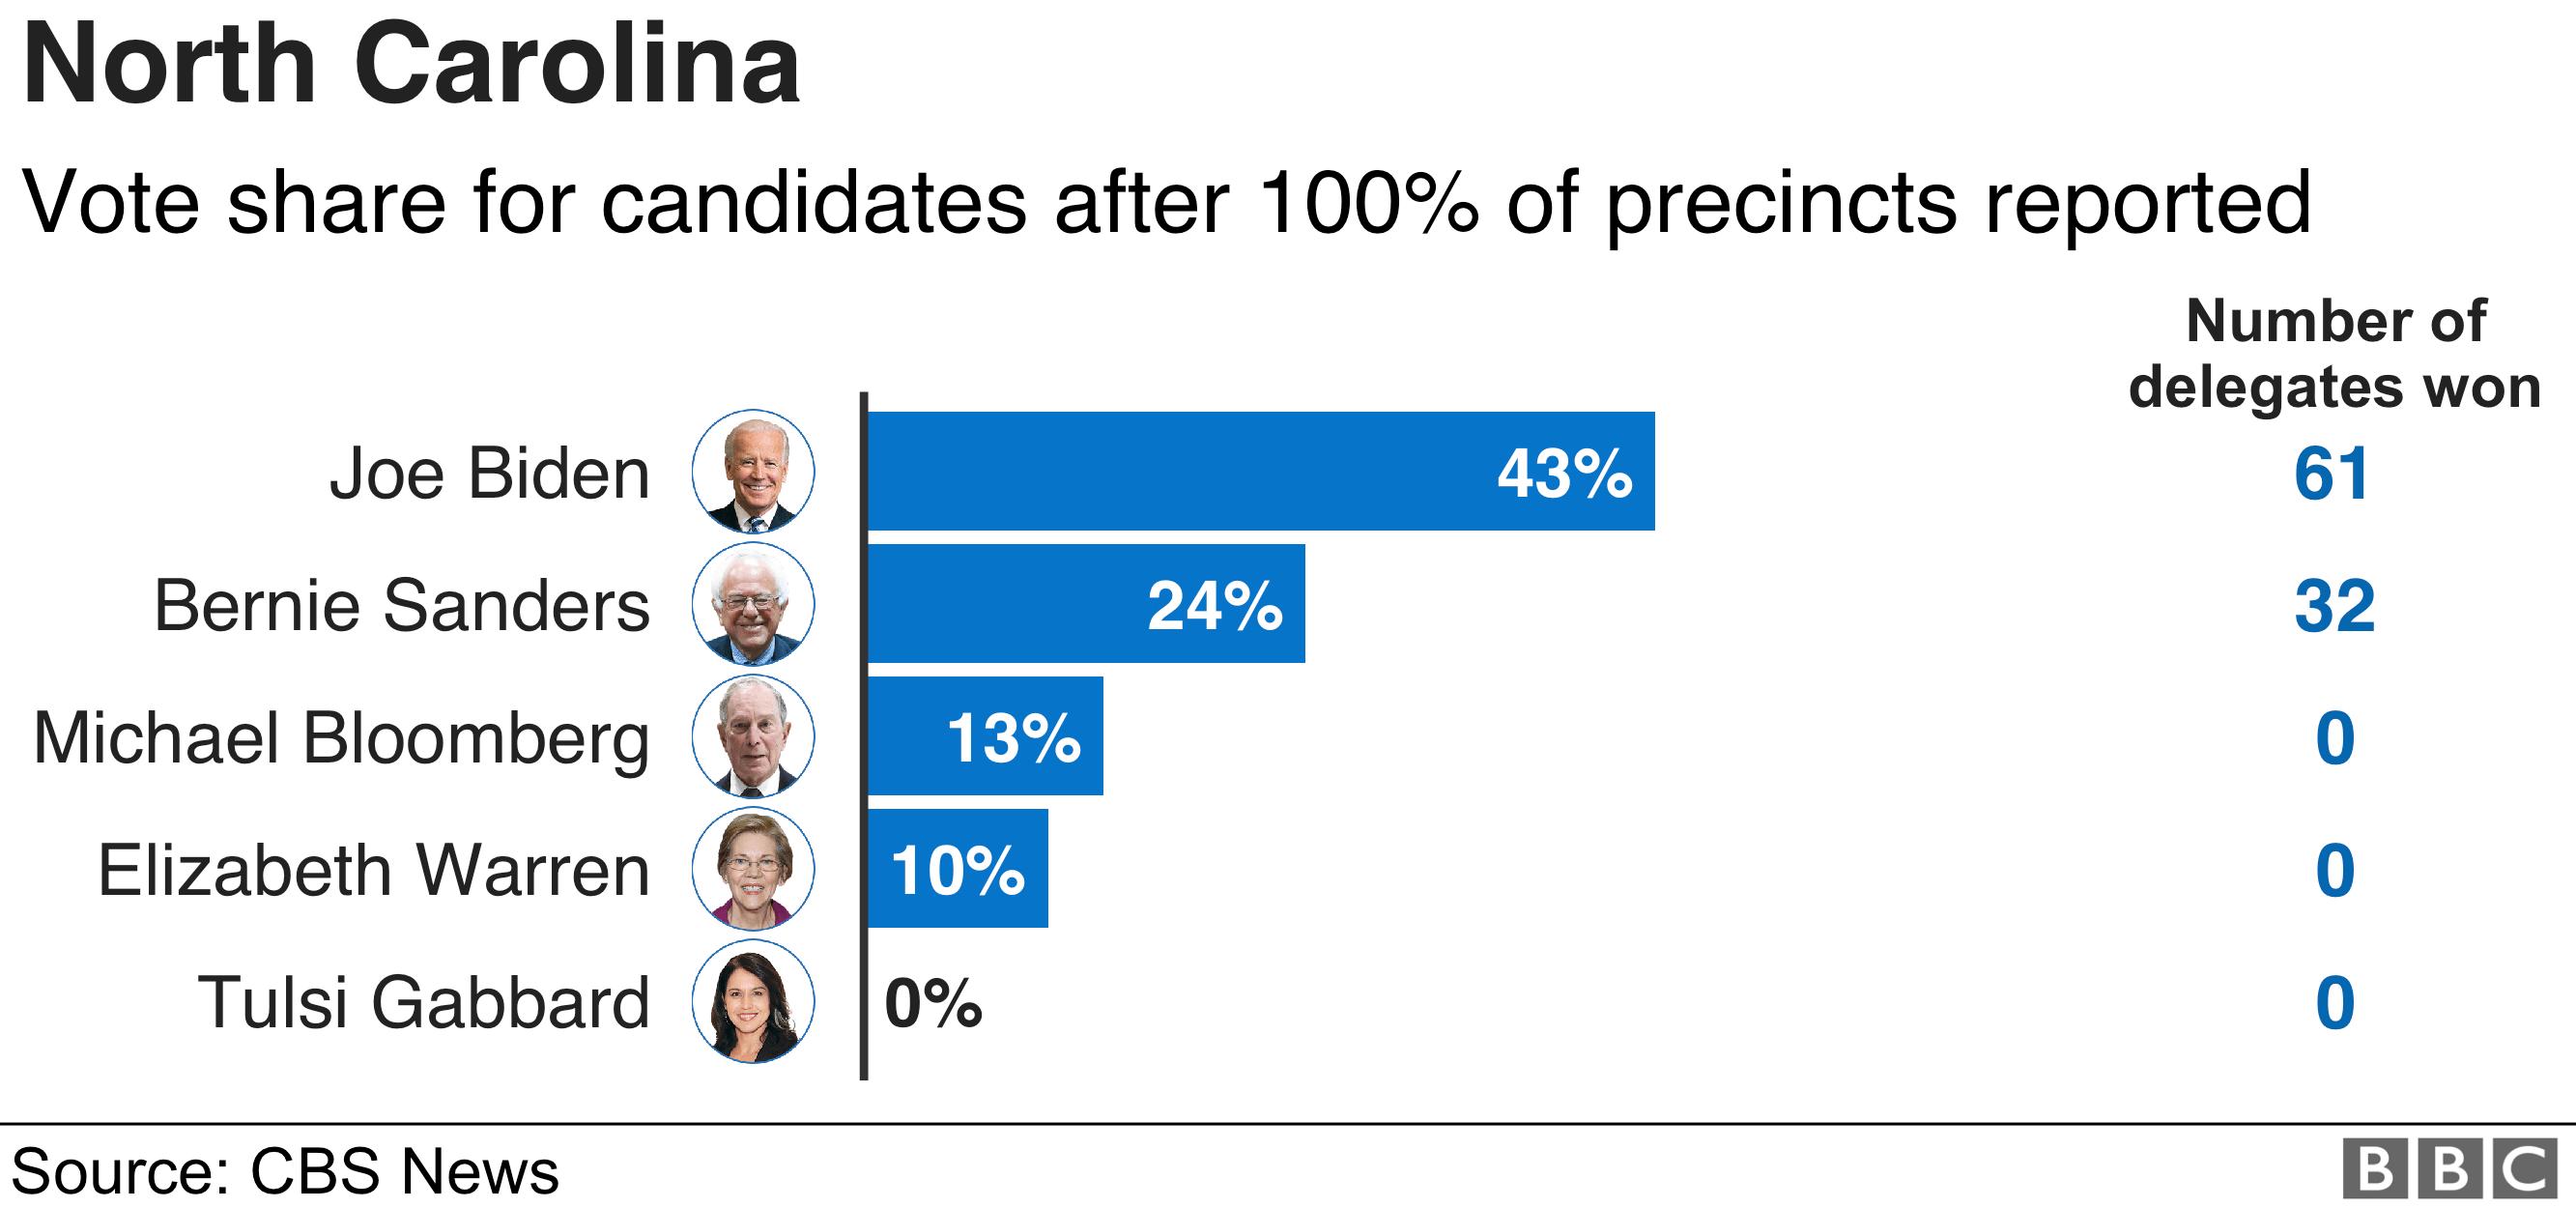 North Carolina results